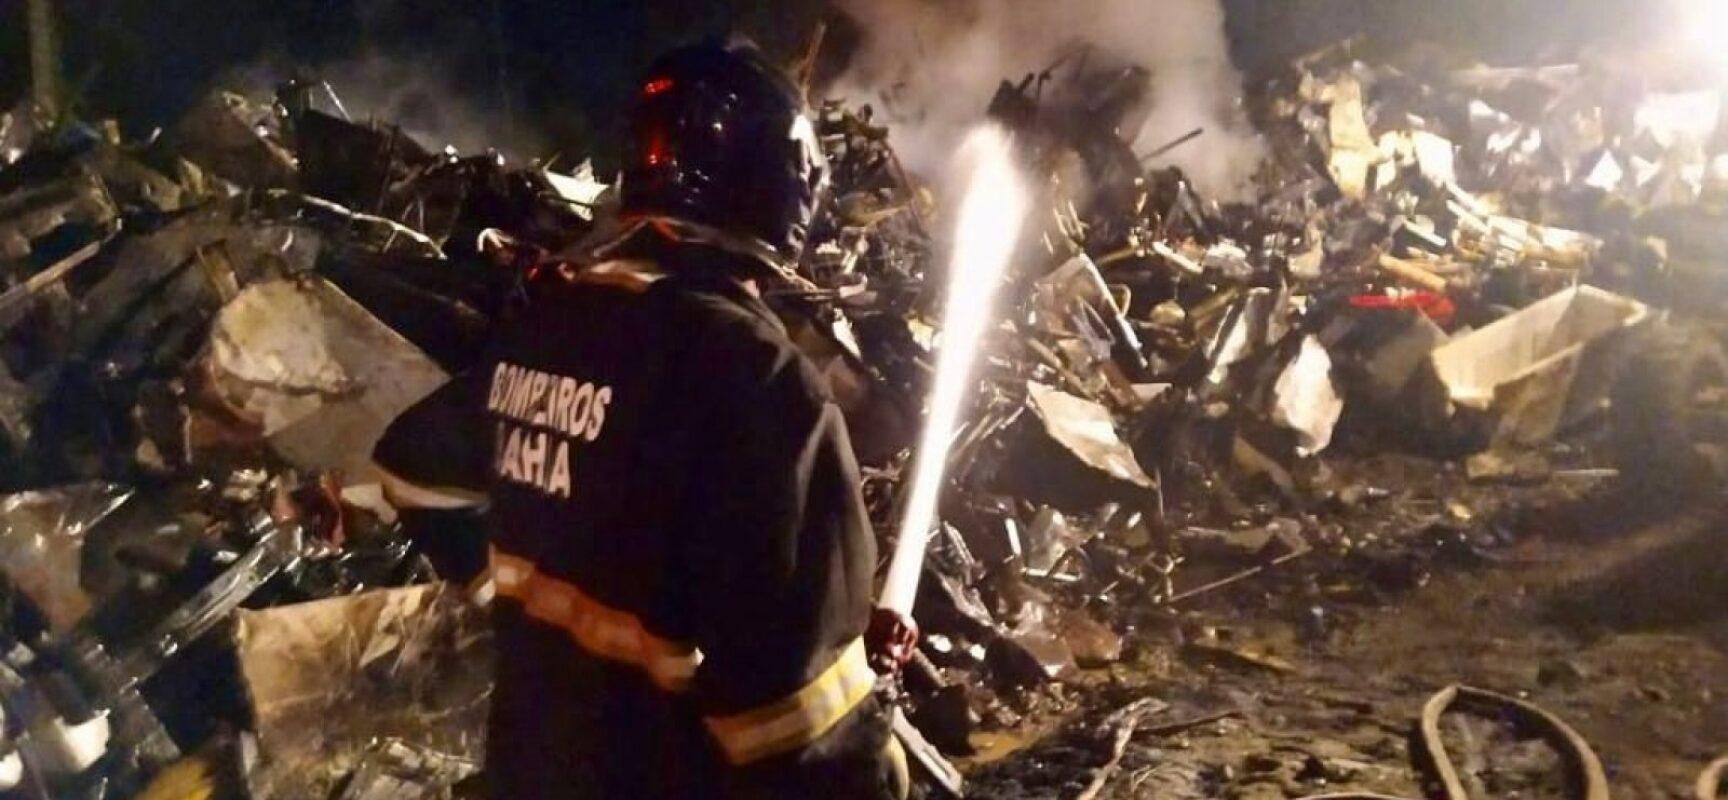 Ilhéus: após oito horas de combate, bombeiros controlam incêndio em depósito